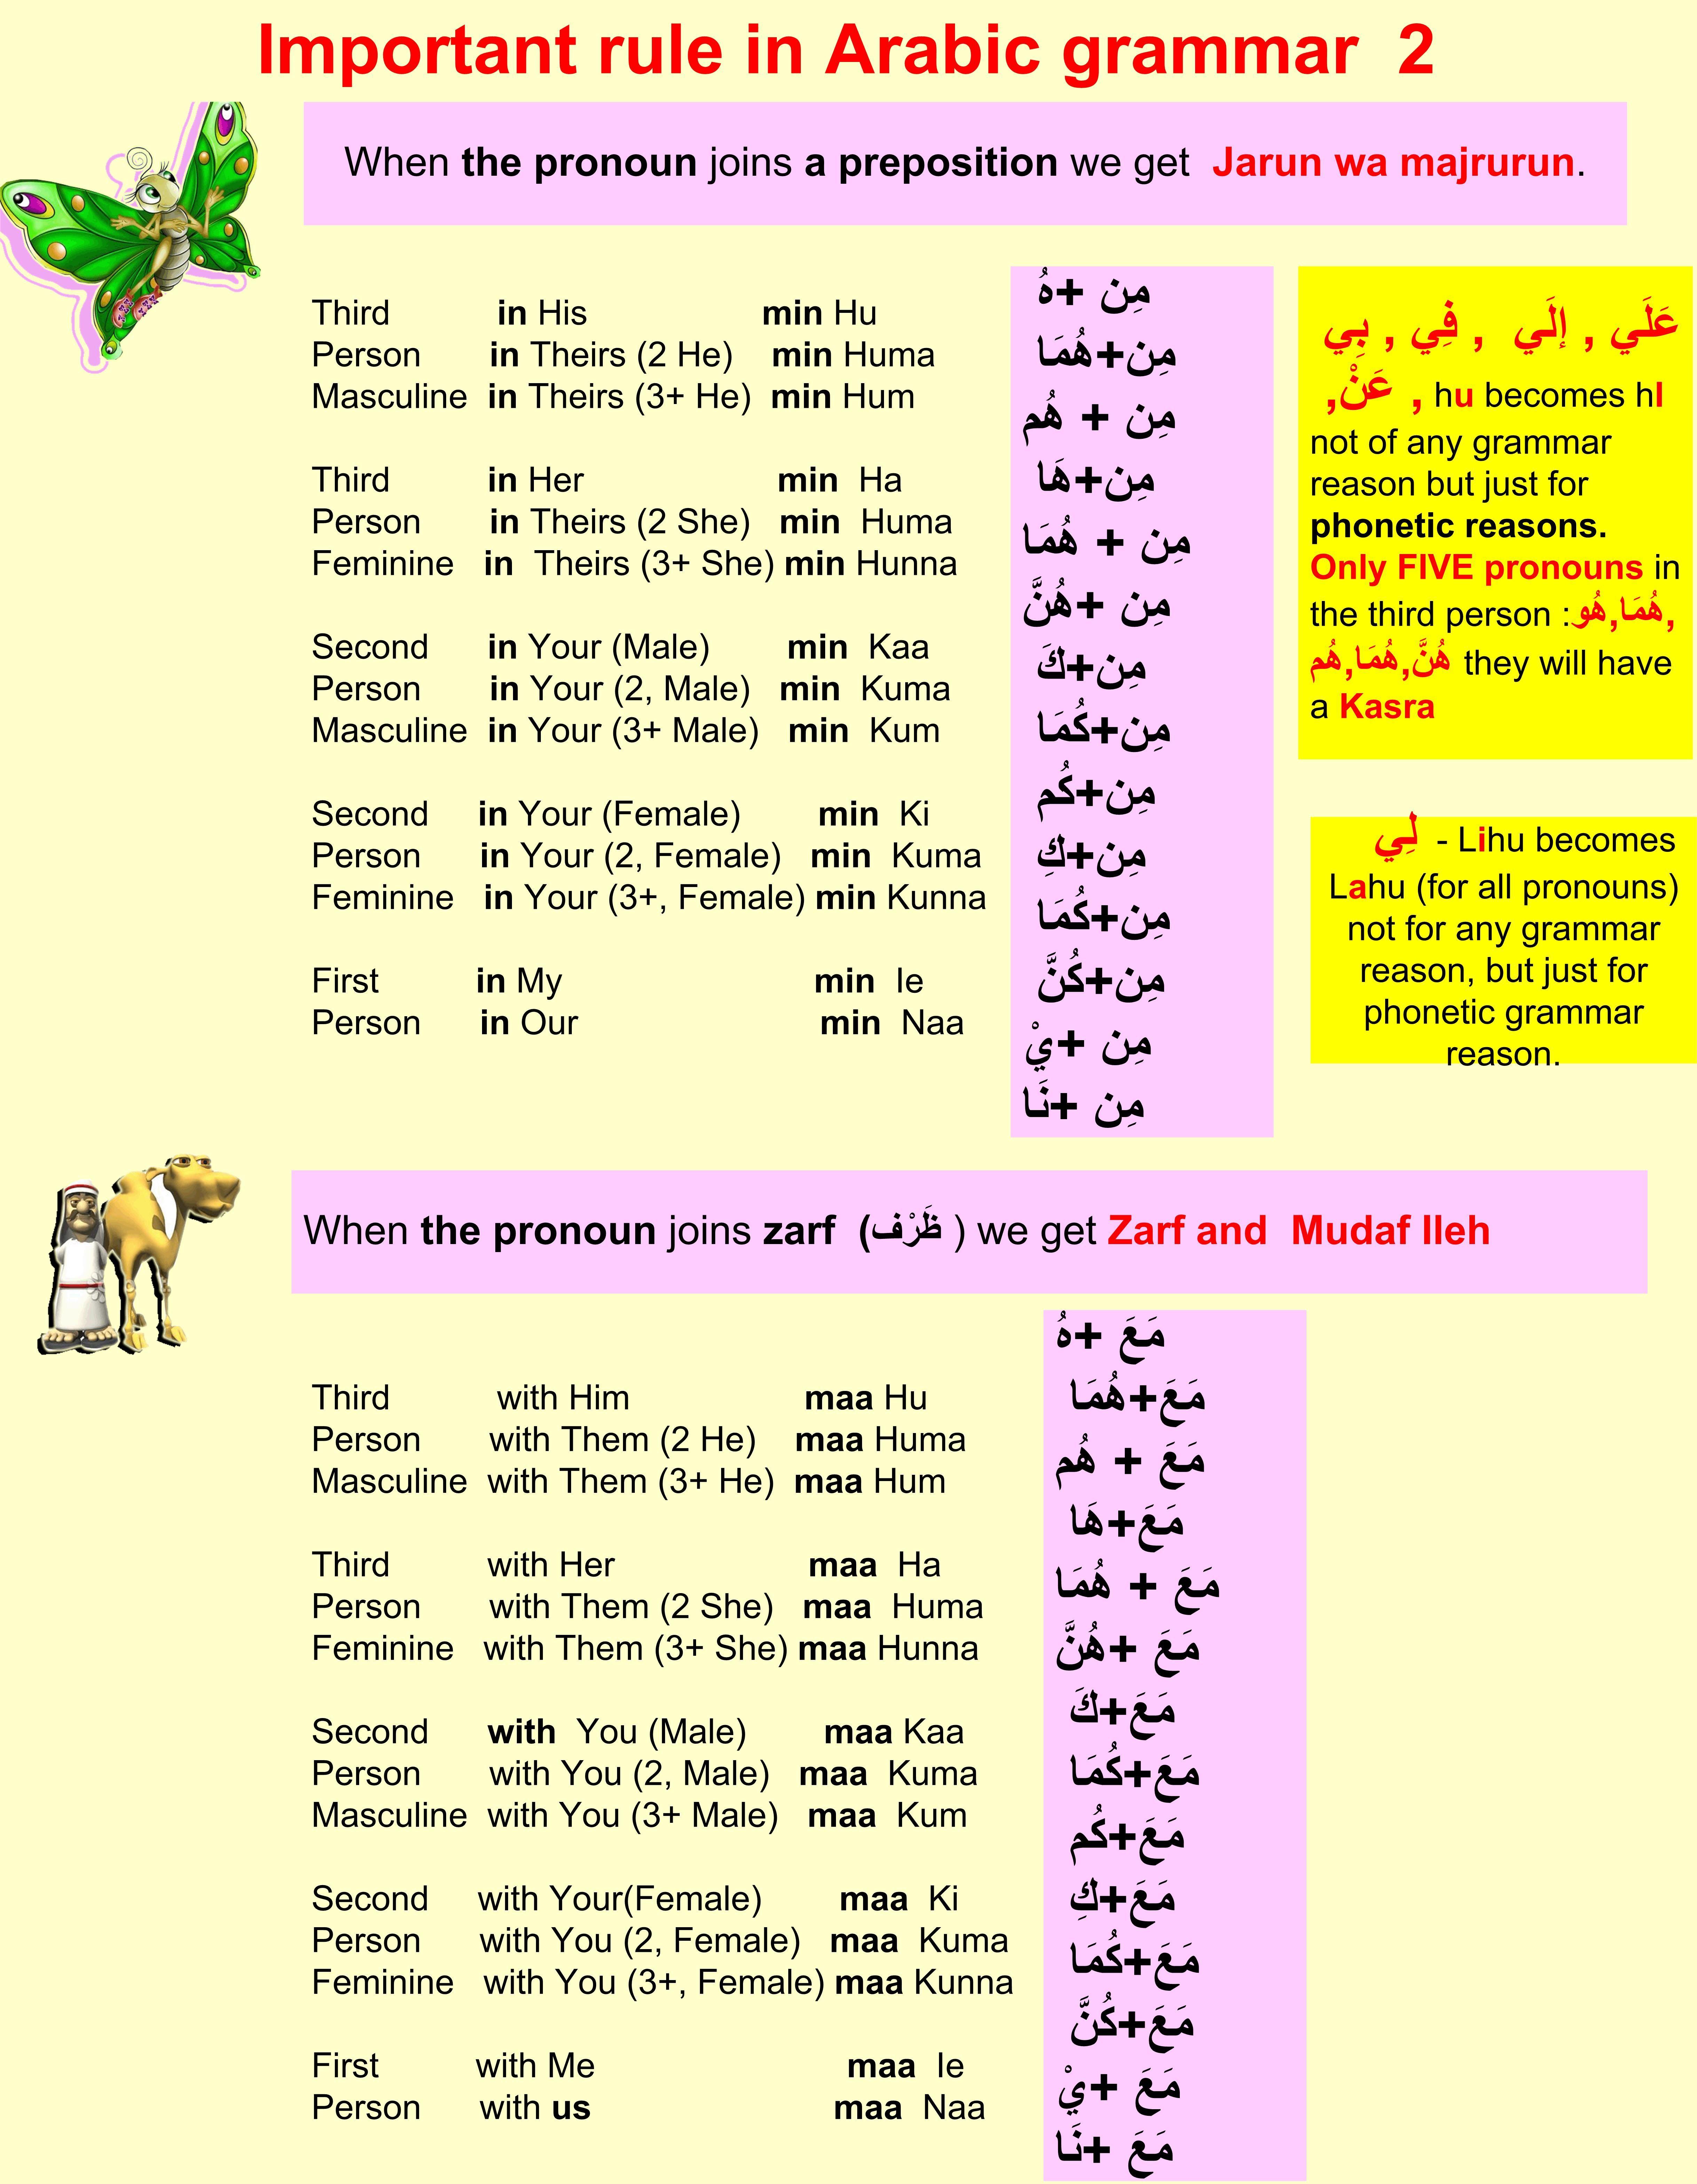 Pin By Maranello Rosso On Learn Arabic Language Learning Arabic Learn Arabic Language Arabic Language [ 6276 x 4876 Pixel ]